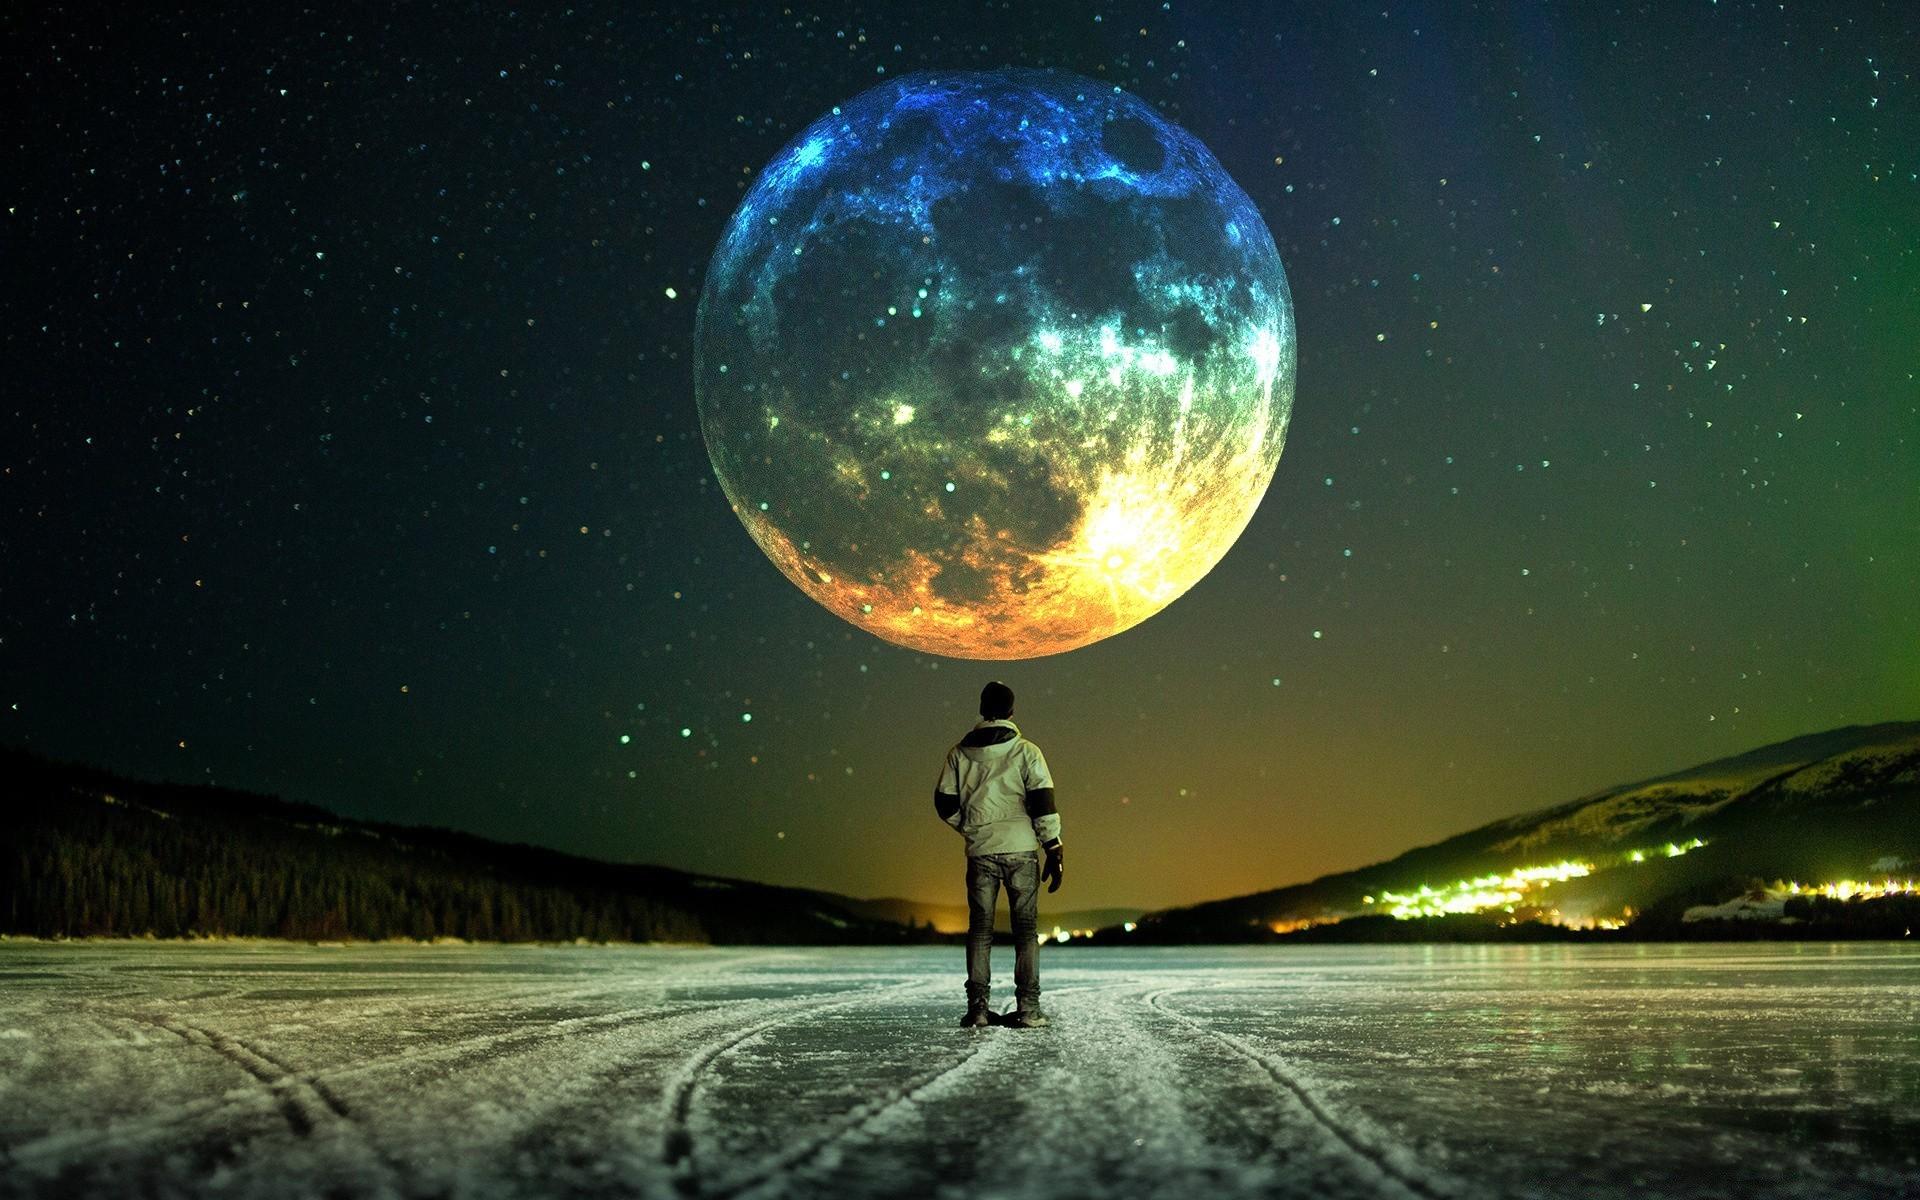 картинки на аву с луной для пацанов ворота смонтировать